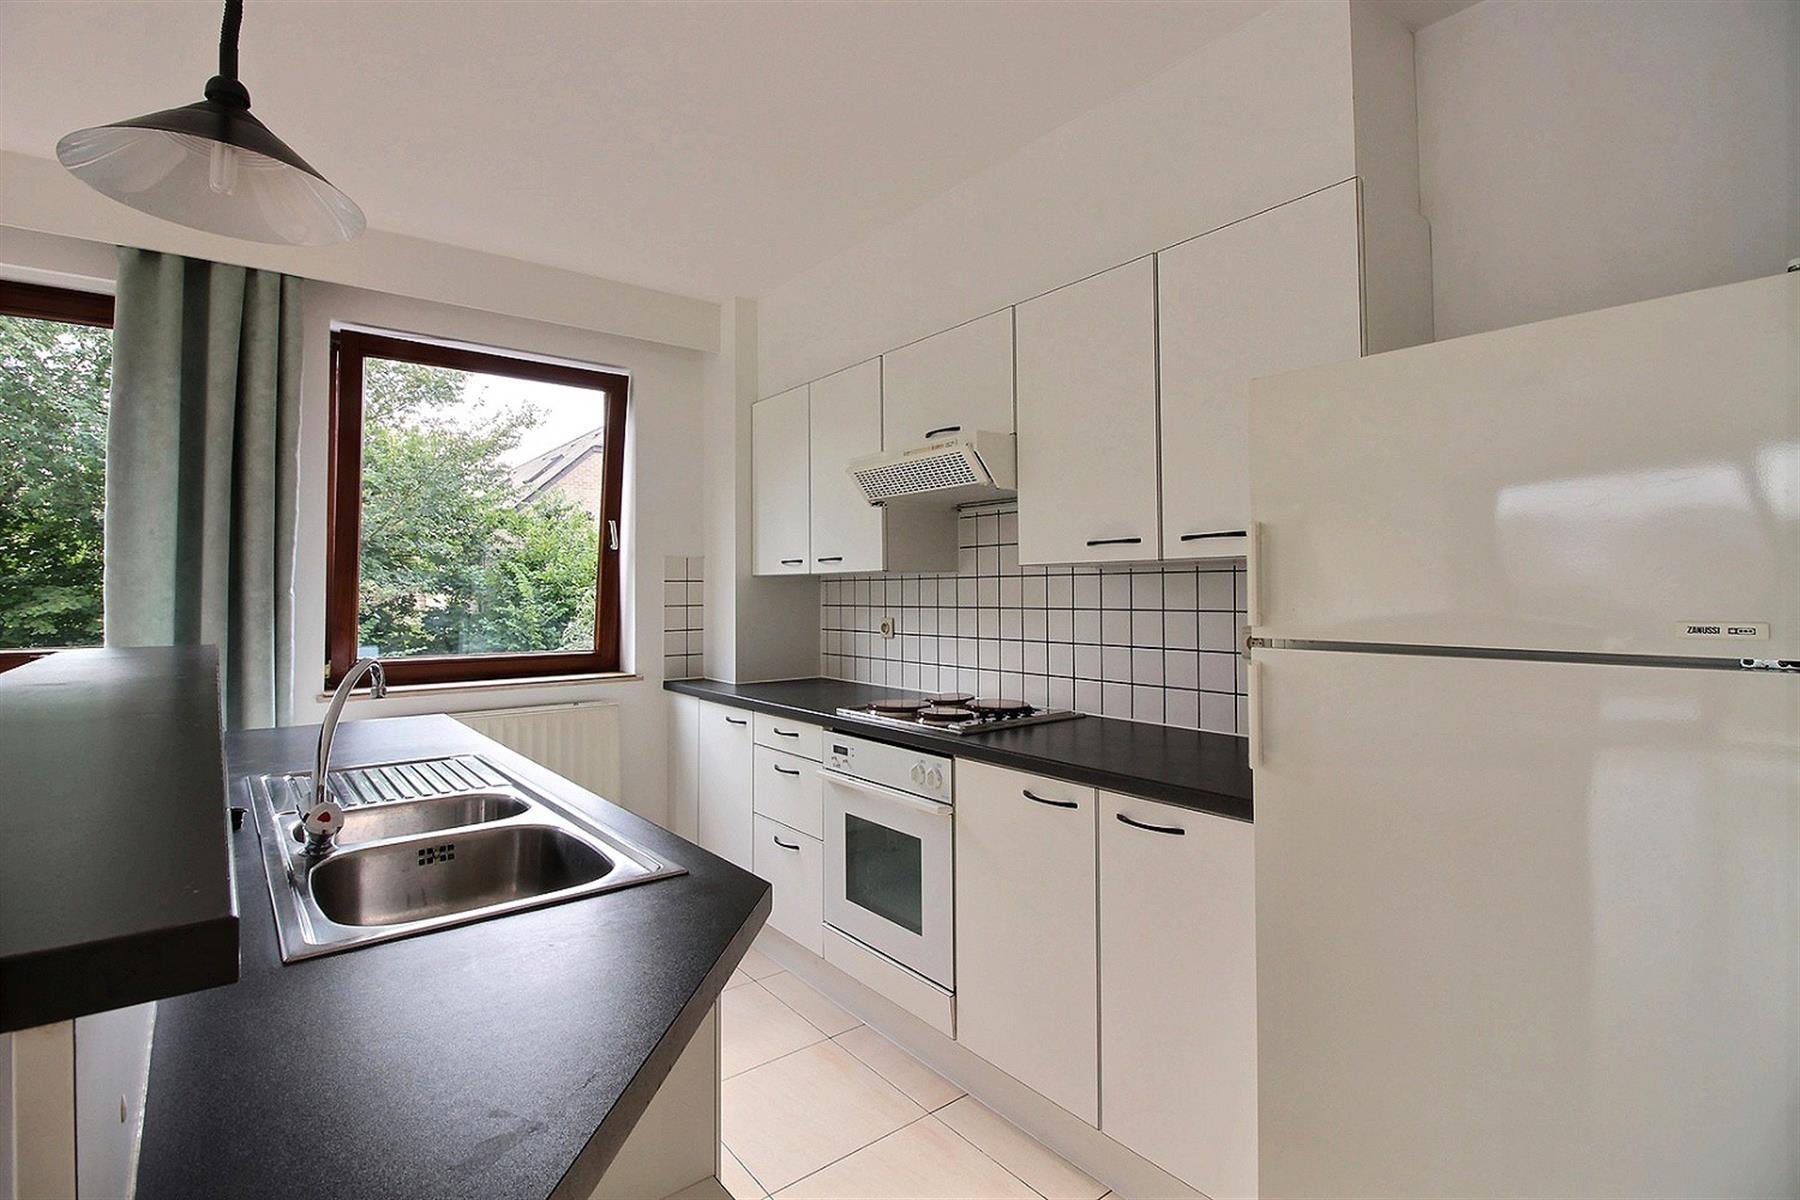 Appartement - Ottignies-Louvain-la-Neuve - #4365104-3